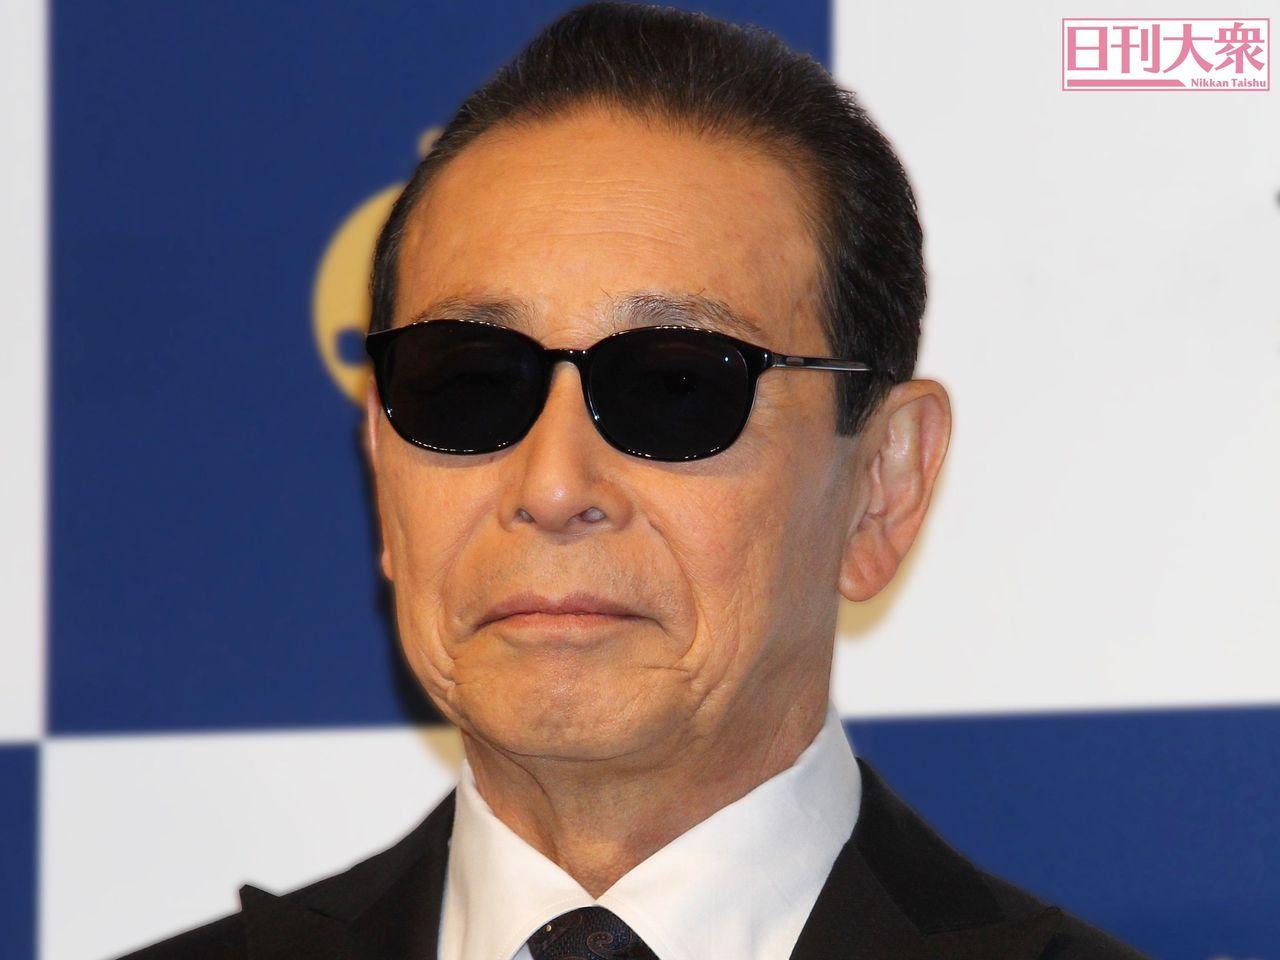 【衝撃】 タモリ(72)、愛人宅へ「忍び愛」 お相手はあのトップ脚本家